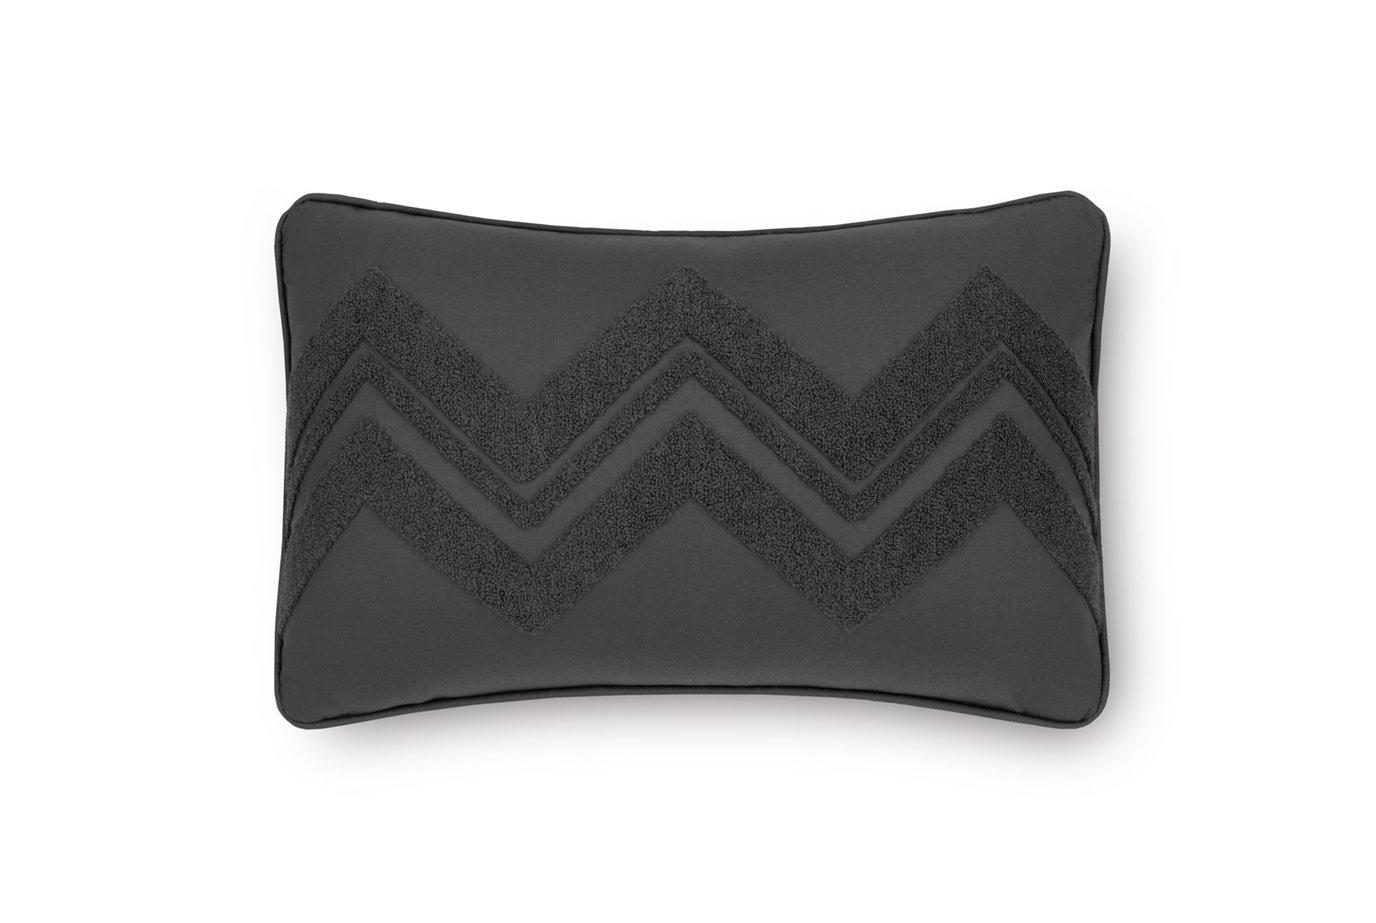 Berkeley 12x18 Decorative Filled Pillow